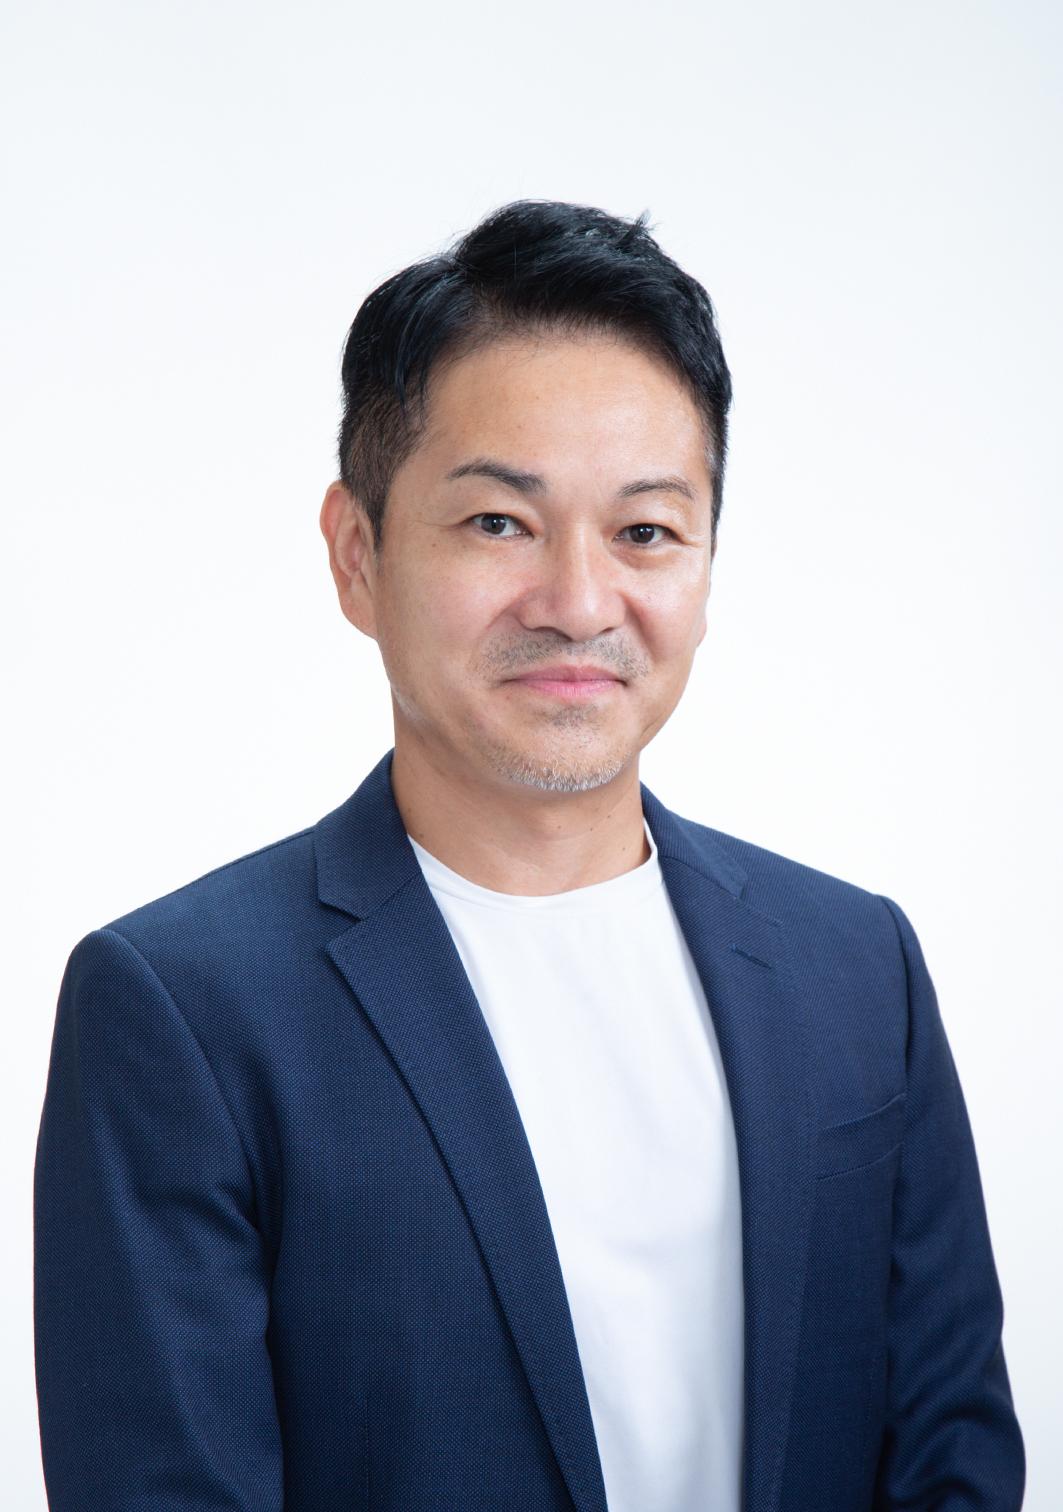 ディレクター 片岡信寿